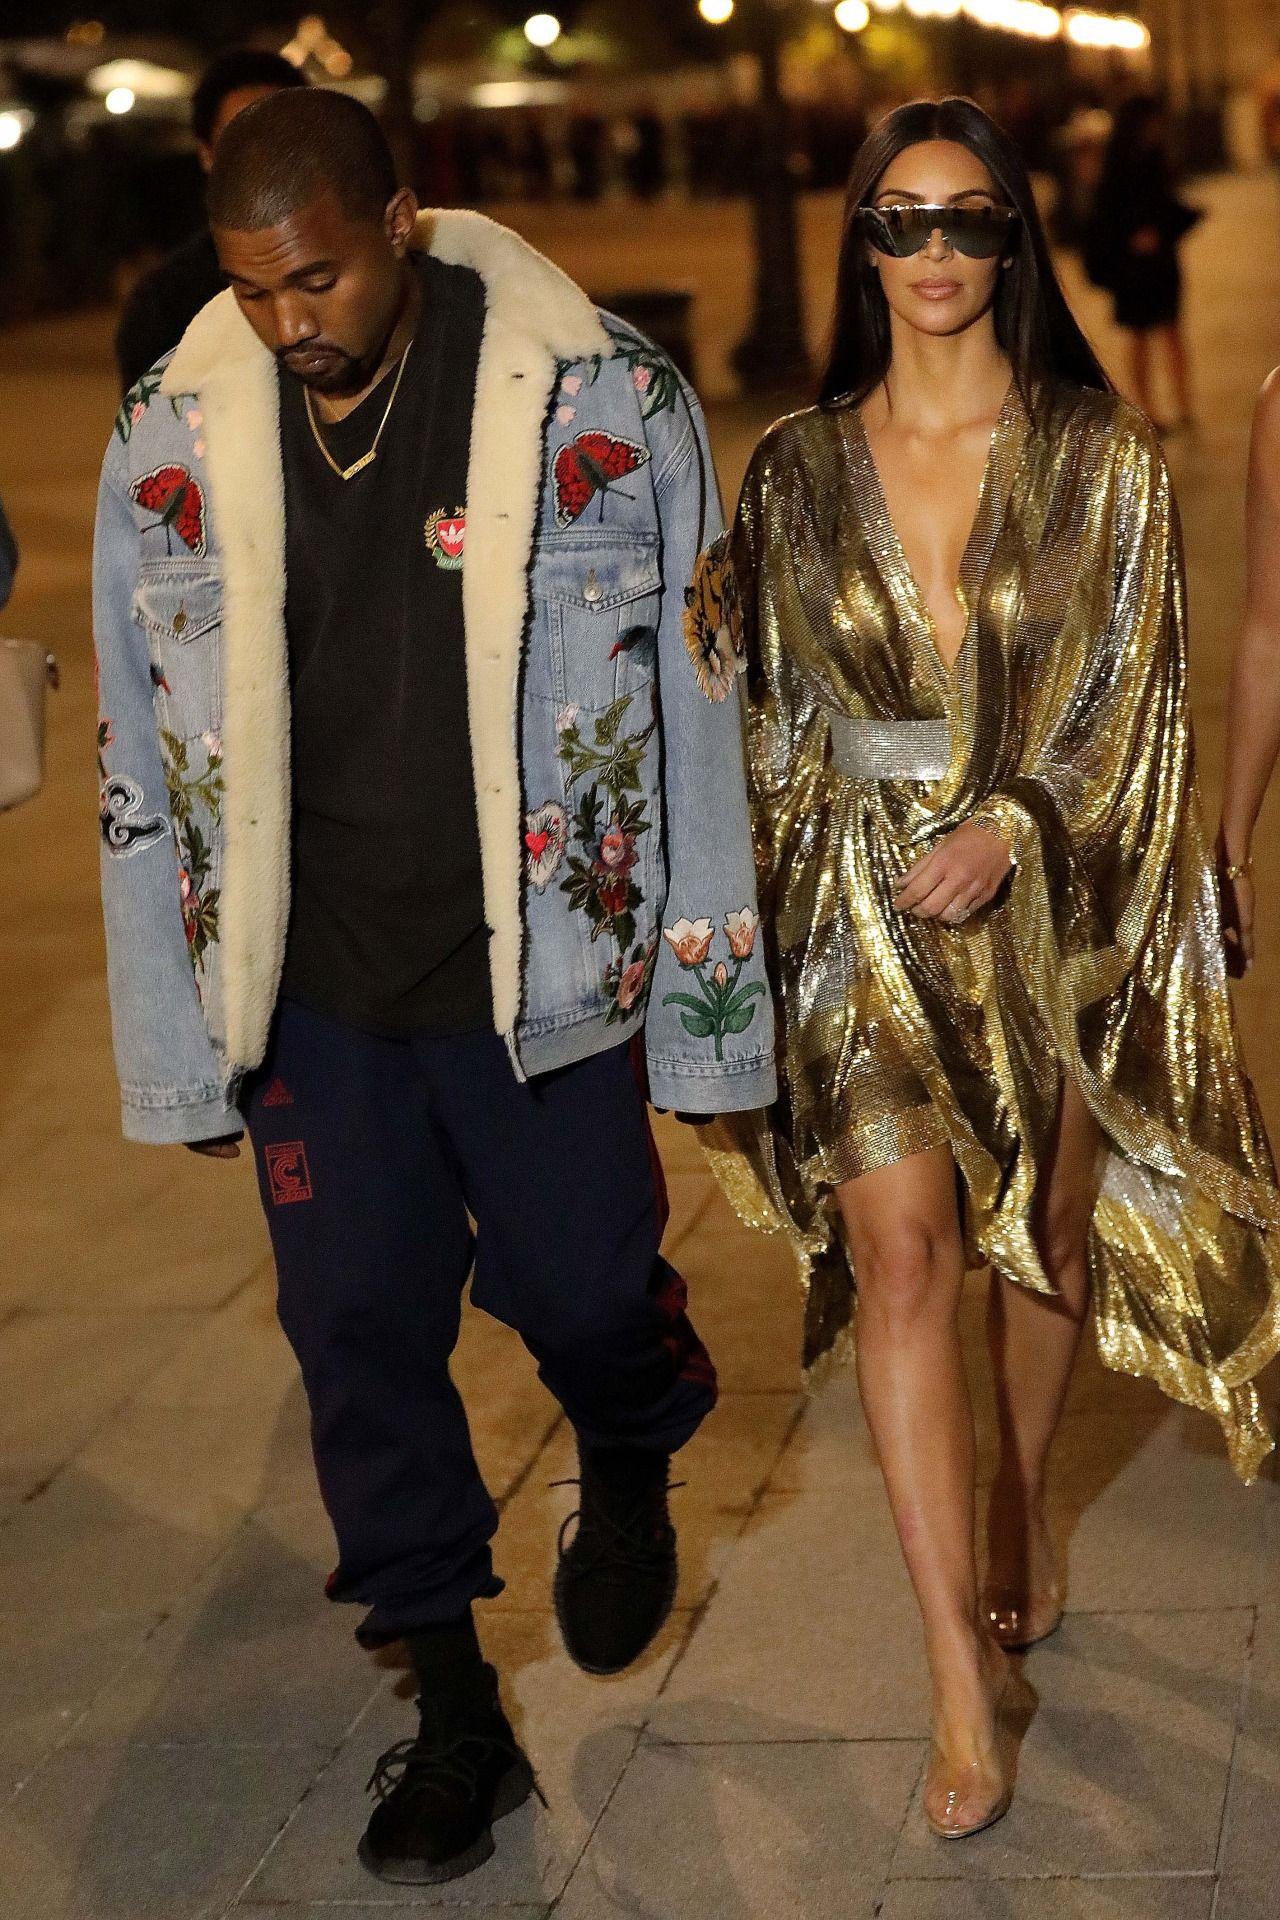 Kimk Armenia Kanye West Style Kanye West Outfits Yeezy Fashion